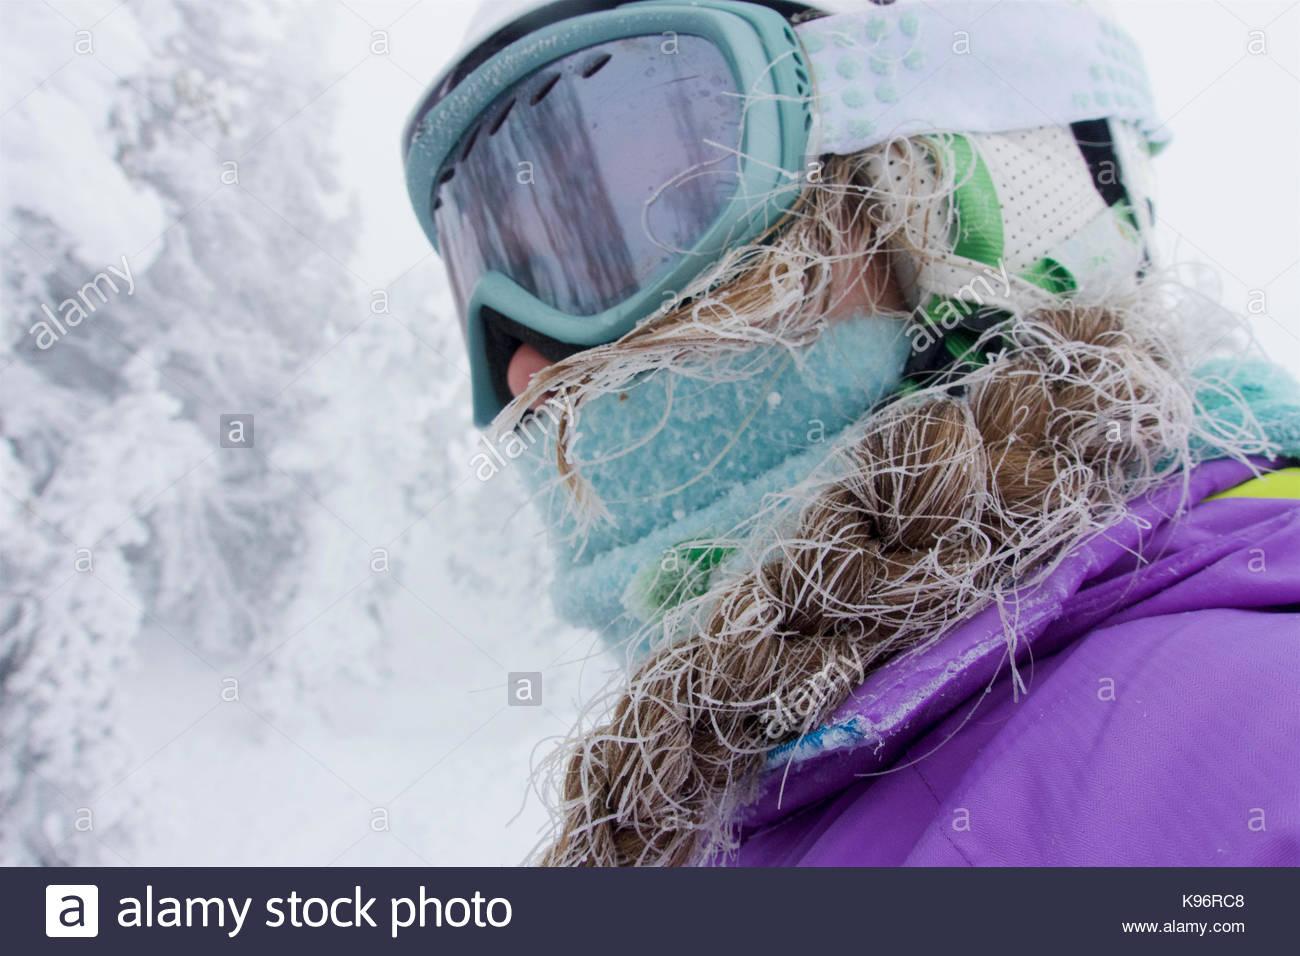 Ein junges Mädchen, mit mattem Haar vom Skifahren in einem kalten Nebel, in dem Grand Targhee Berge. Stockbild